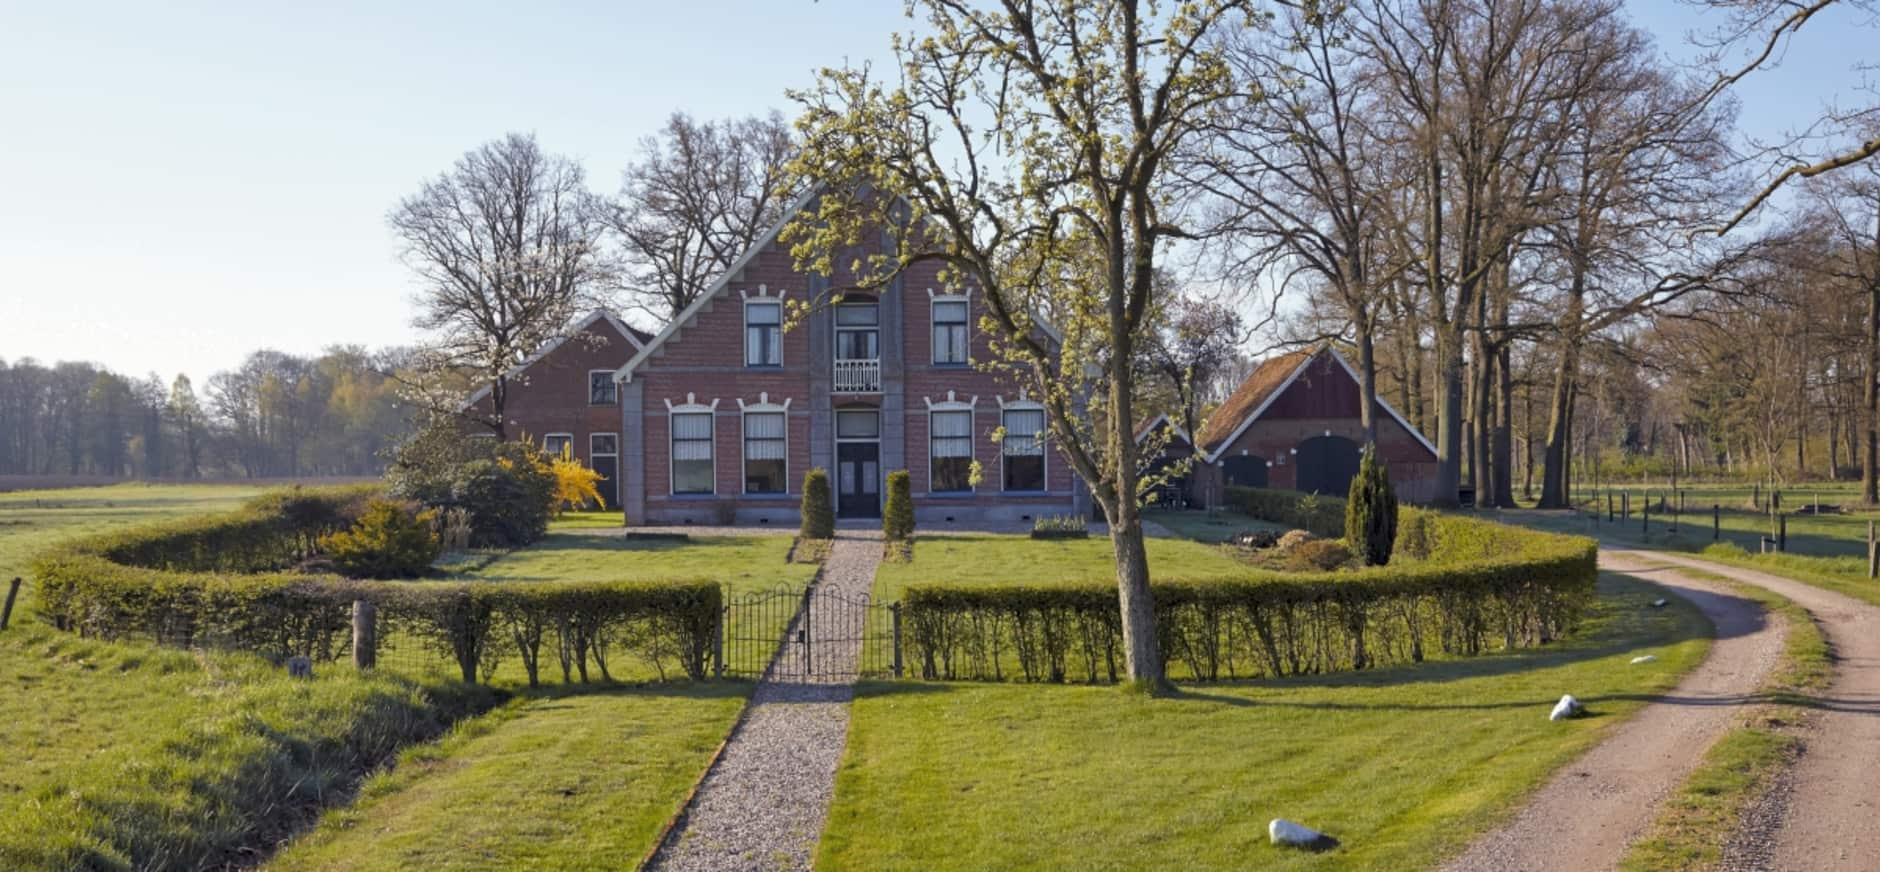 Scholtenboerderij Keunenhuis